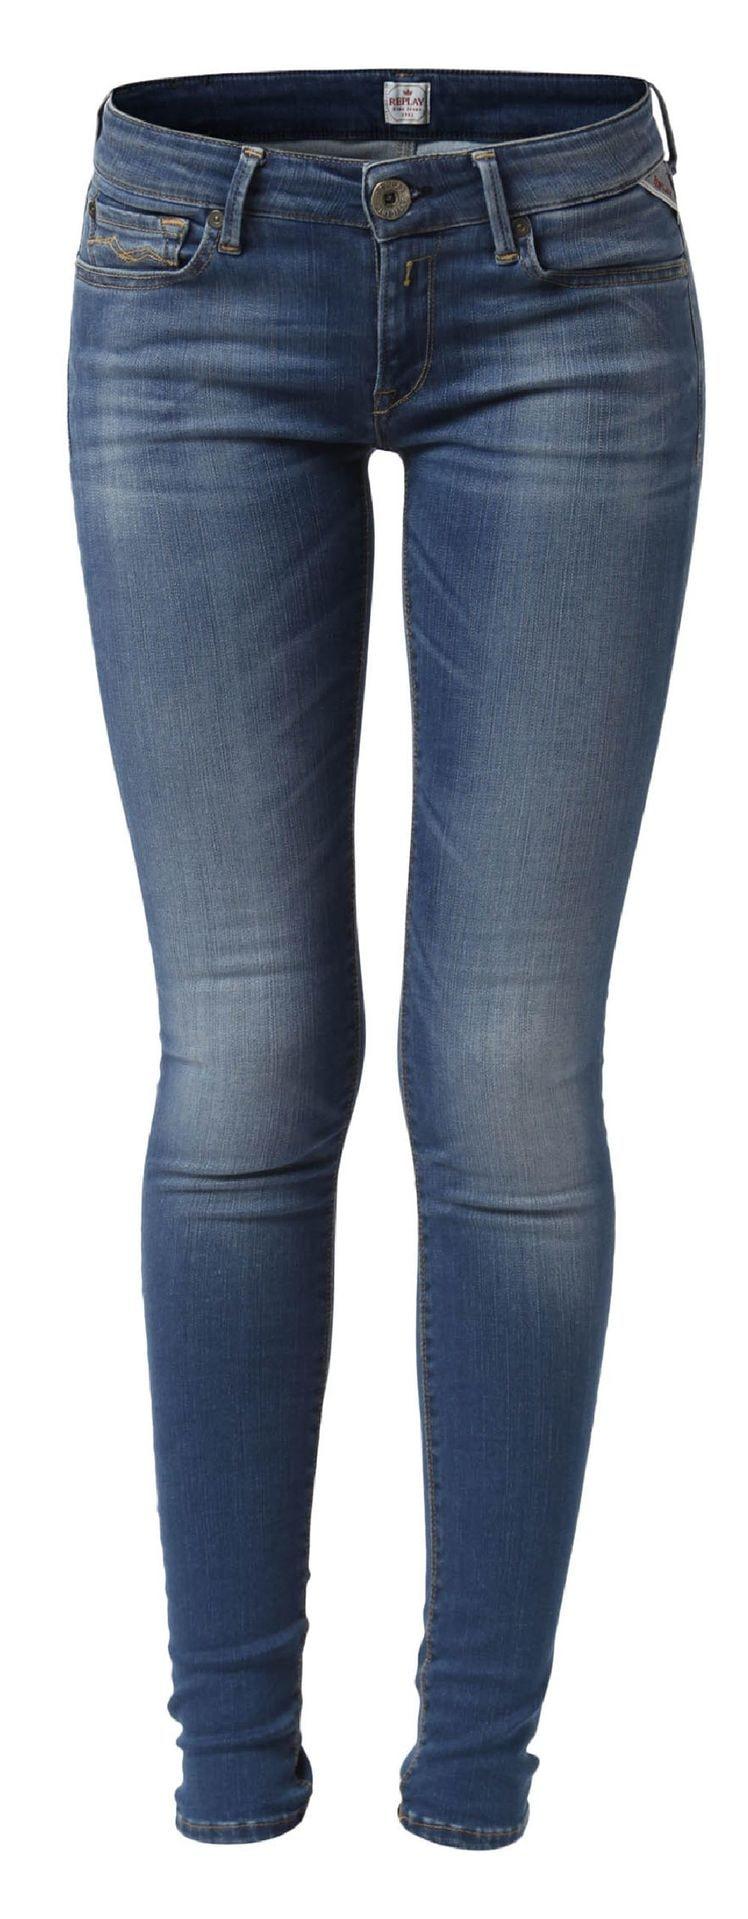 Extra elastisk.  Luz denim Hyperflex-jeans i femficksmodell från Replay. Skinny fit. Materialblandningen gör byxan extra elastisk och bekväm samtidigt som den håller formen efter användning, 1 599 kronor, MQ.